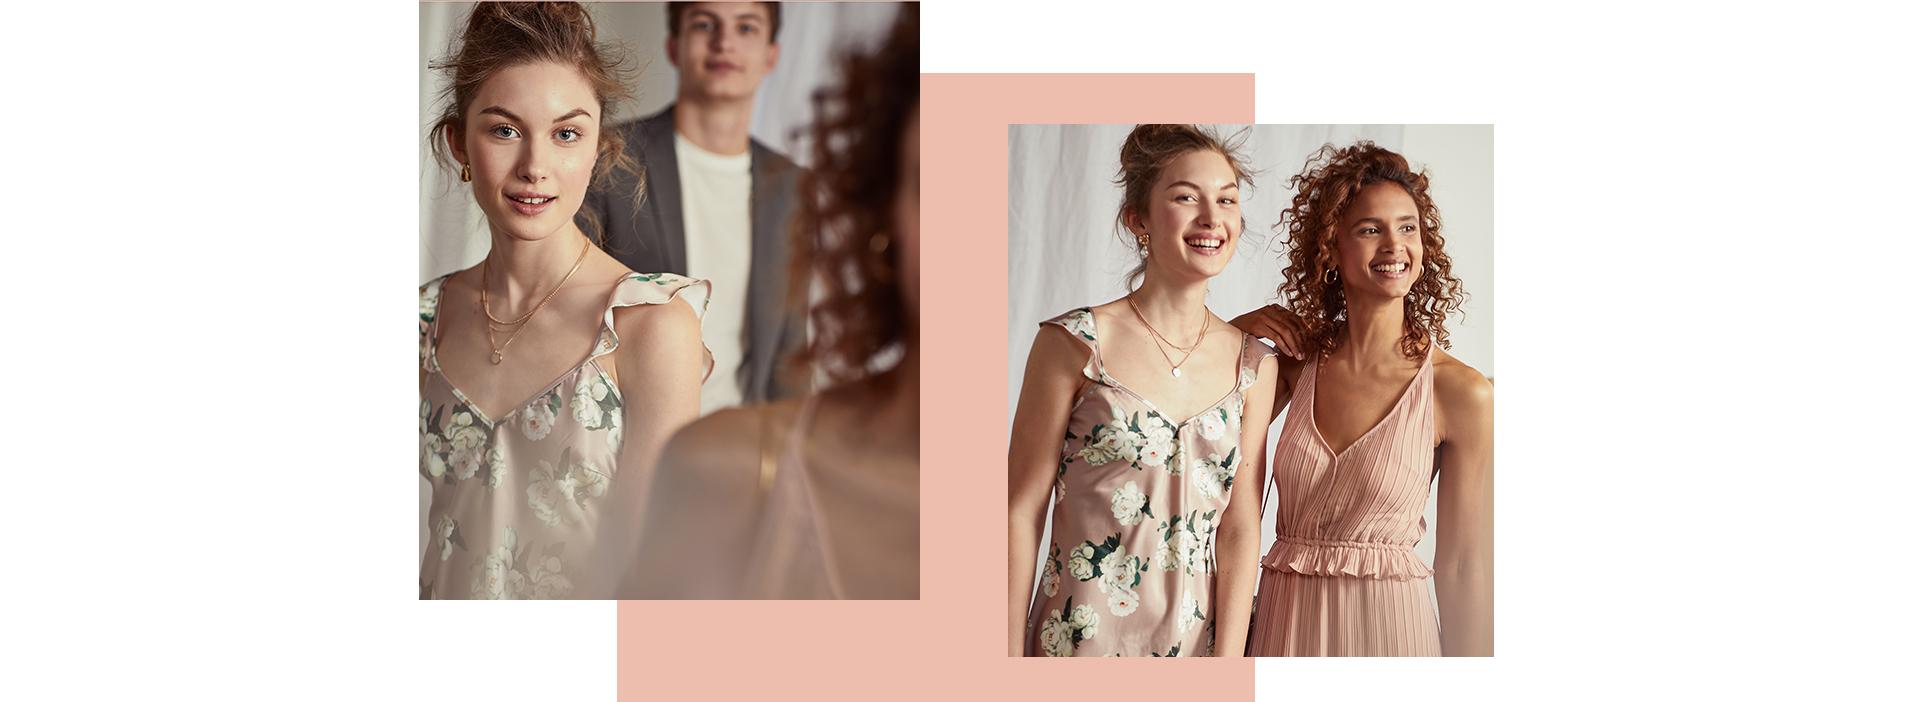 168153eb410b För att göra det lite enklare att välja kläder till bröllop så har vi  samlat massor av stilinspiration till bröllopsgästen. Have a look!